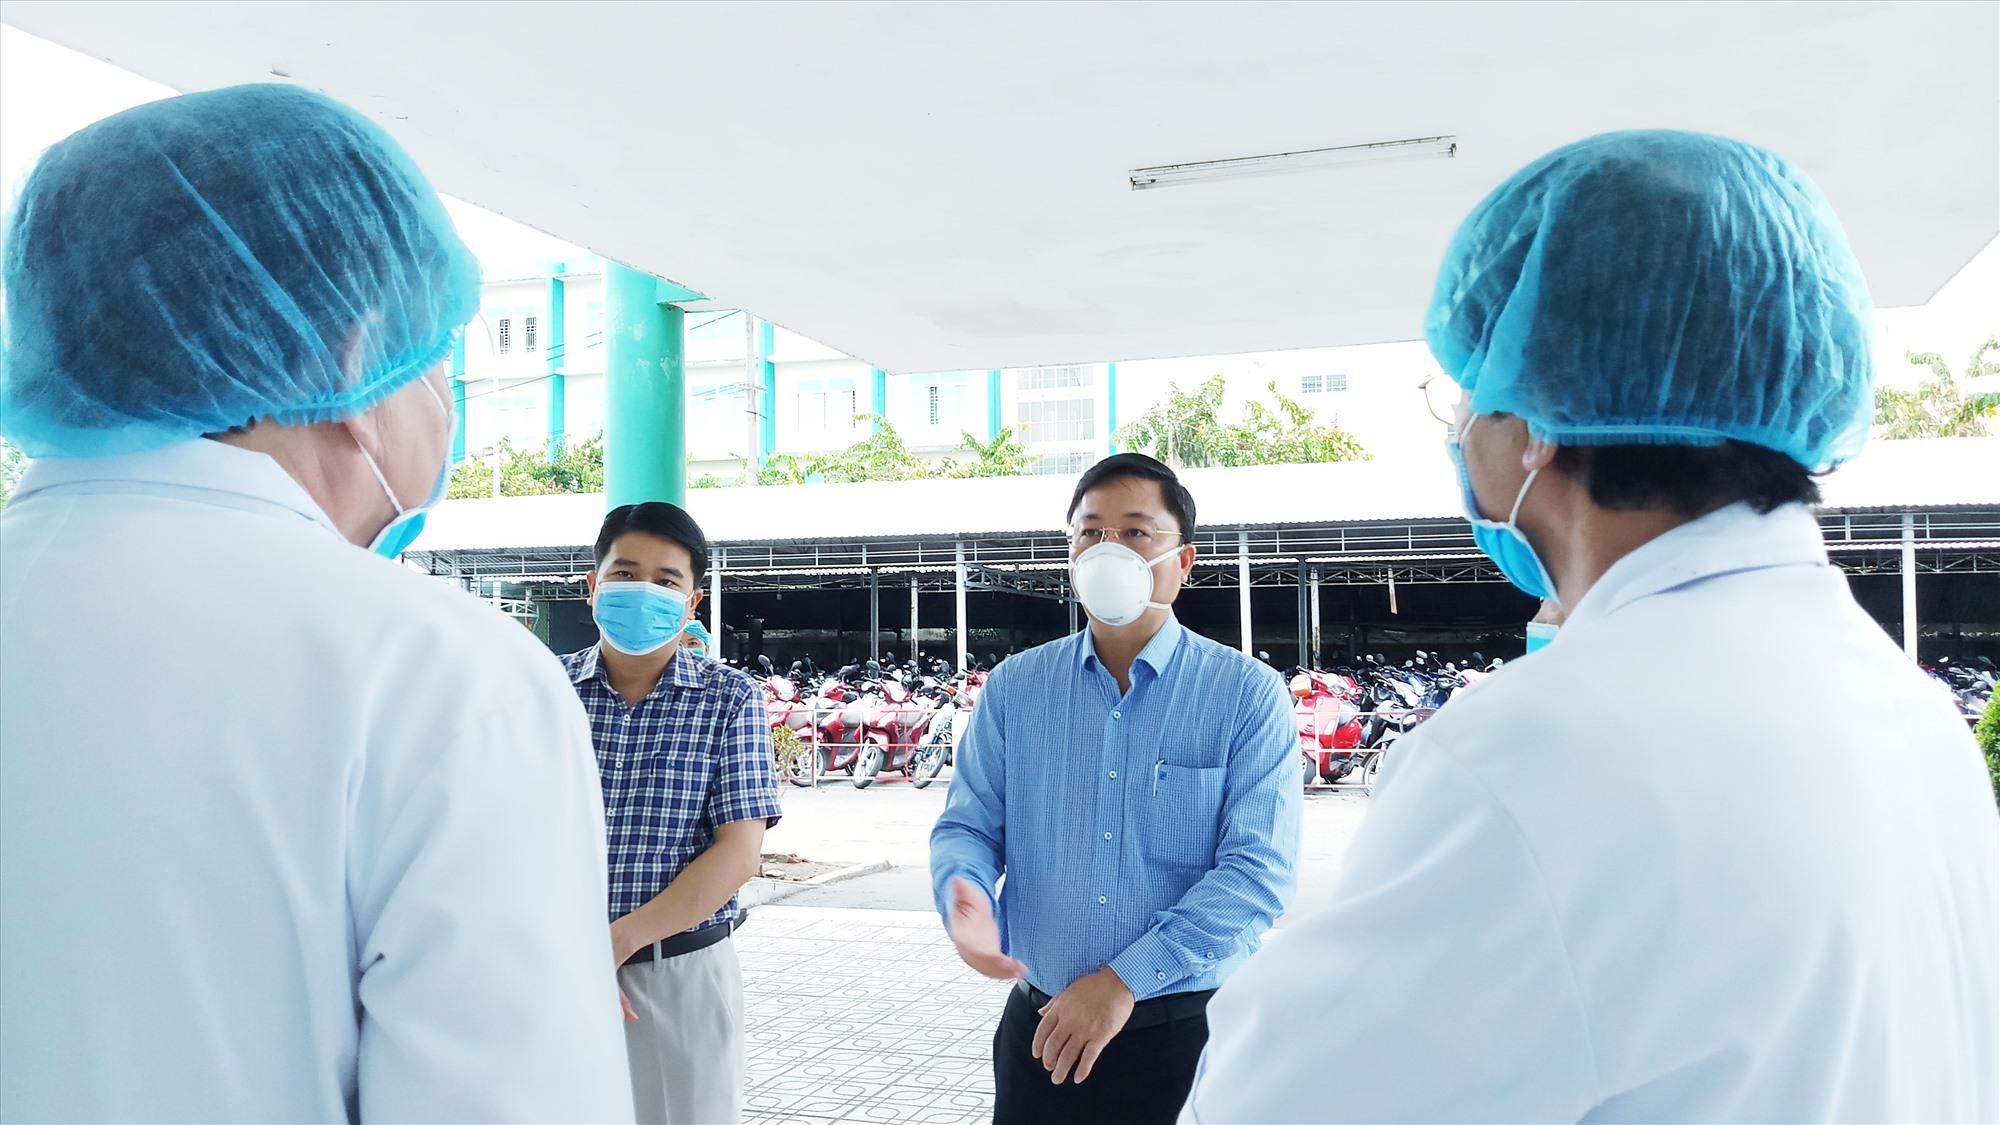 Chủ tịch UBND tỉnh Lê Trí Thanh đề nghị các y, bác sĩ tiếp tục thực hiện nghiêm các quy trình phòng chống dịch bệnh, đảm bảo an toàn trong bệnh viện. Ảnh: A.N